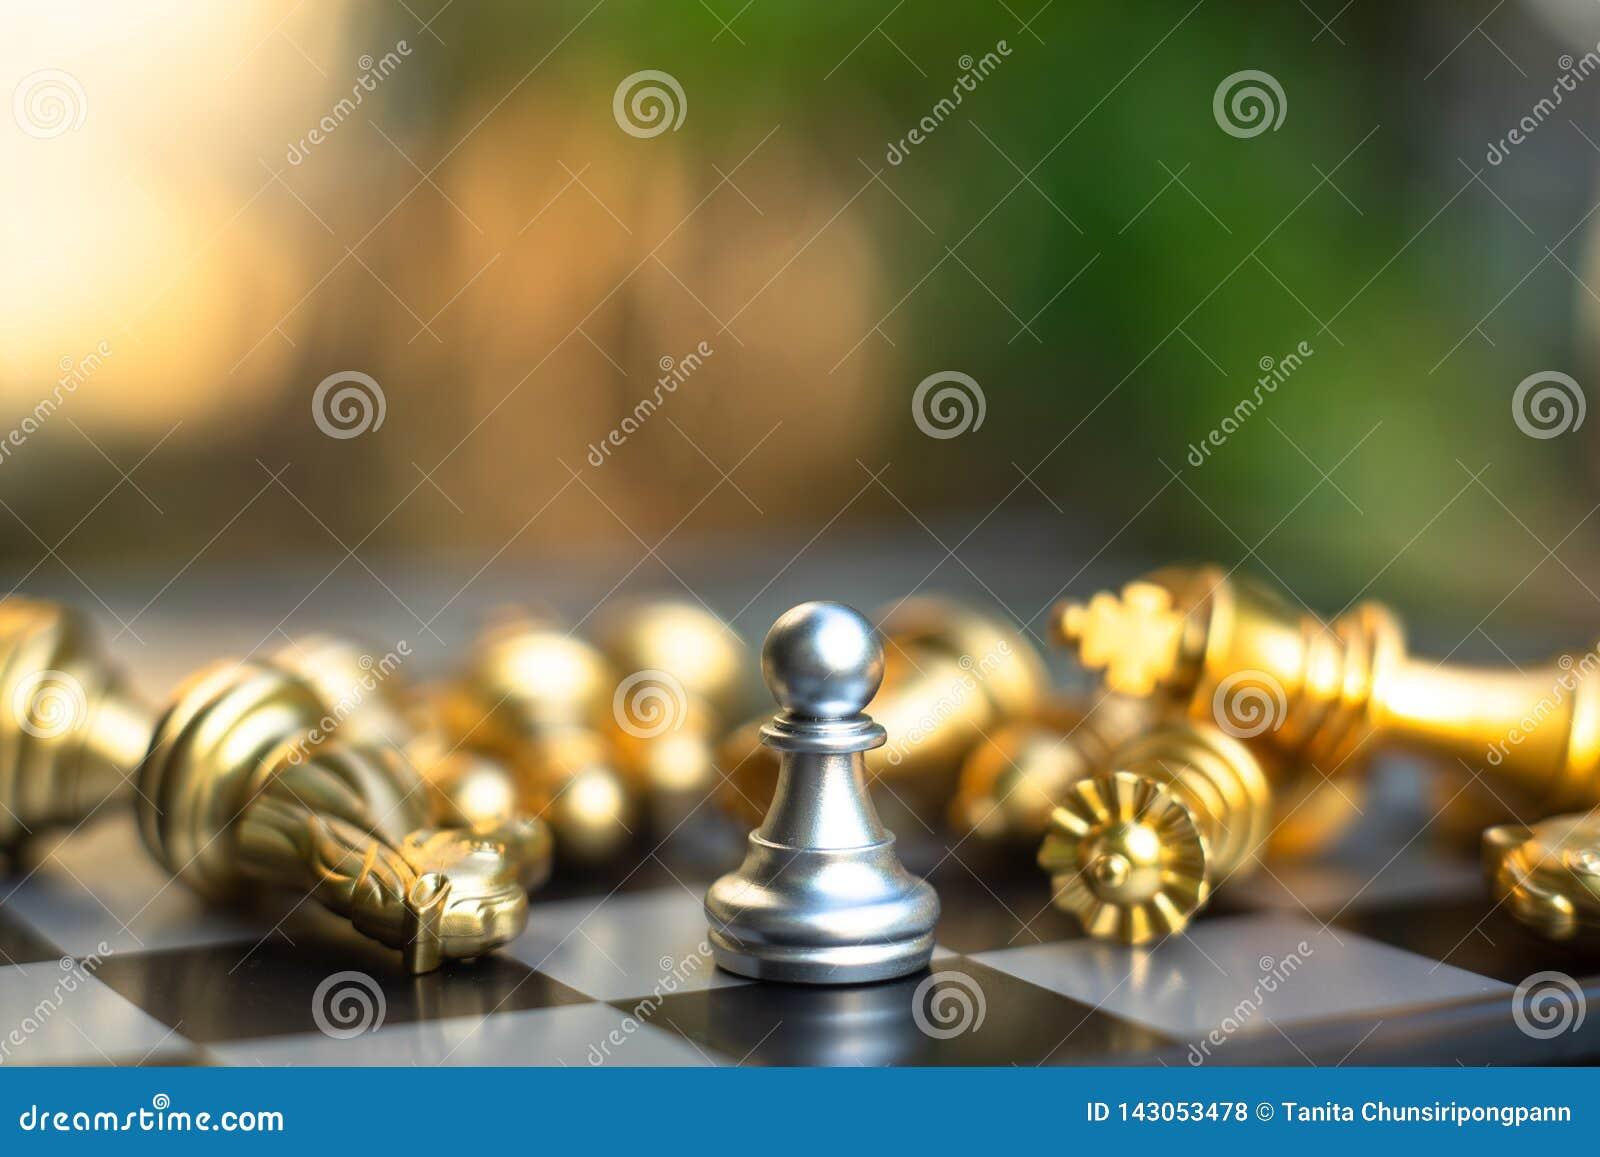 Jeu de société d échecs, concept concurrentiel d affaires